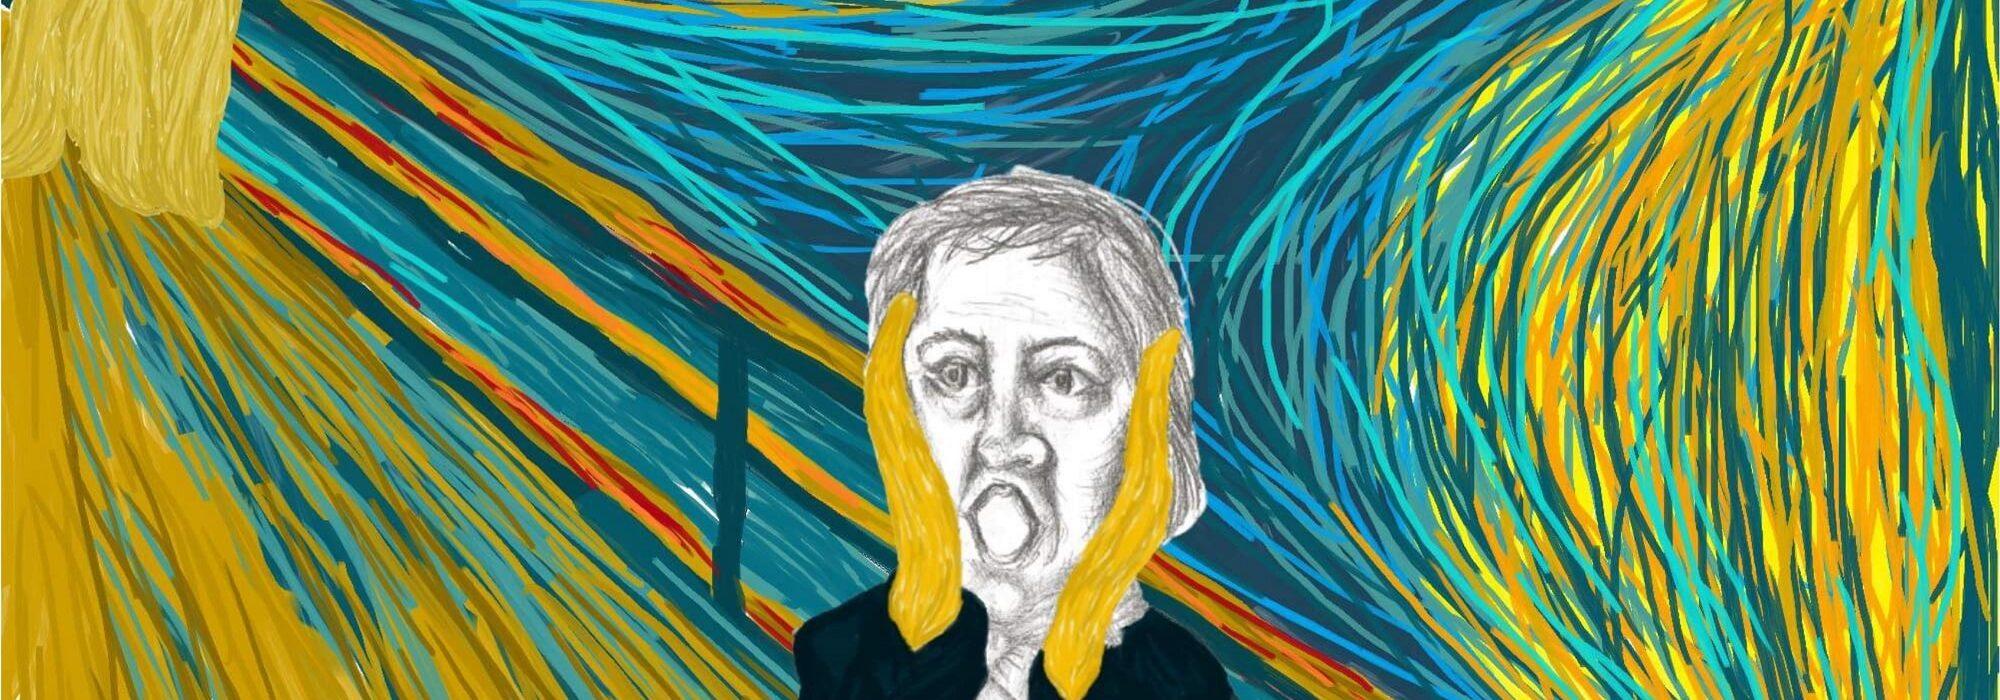 Ilustração: Bruna Pache, 2020